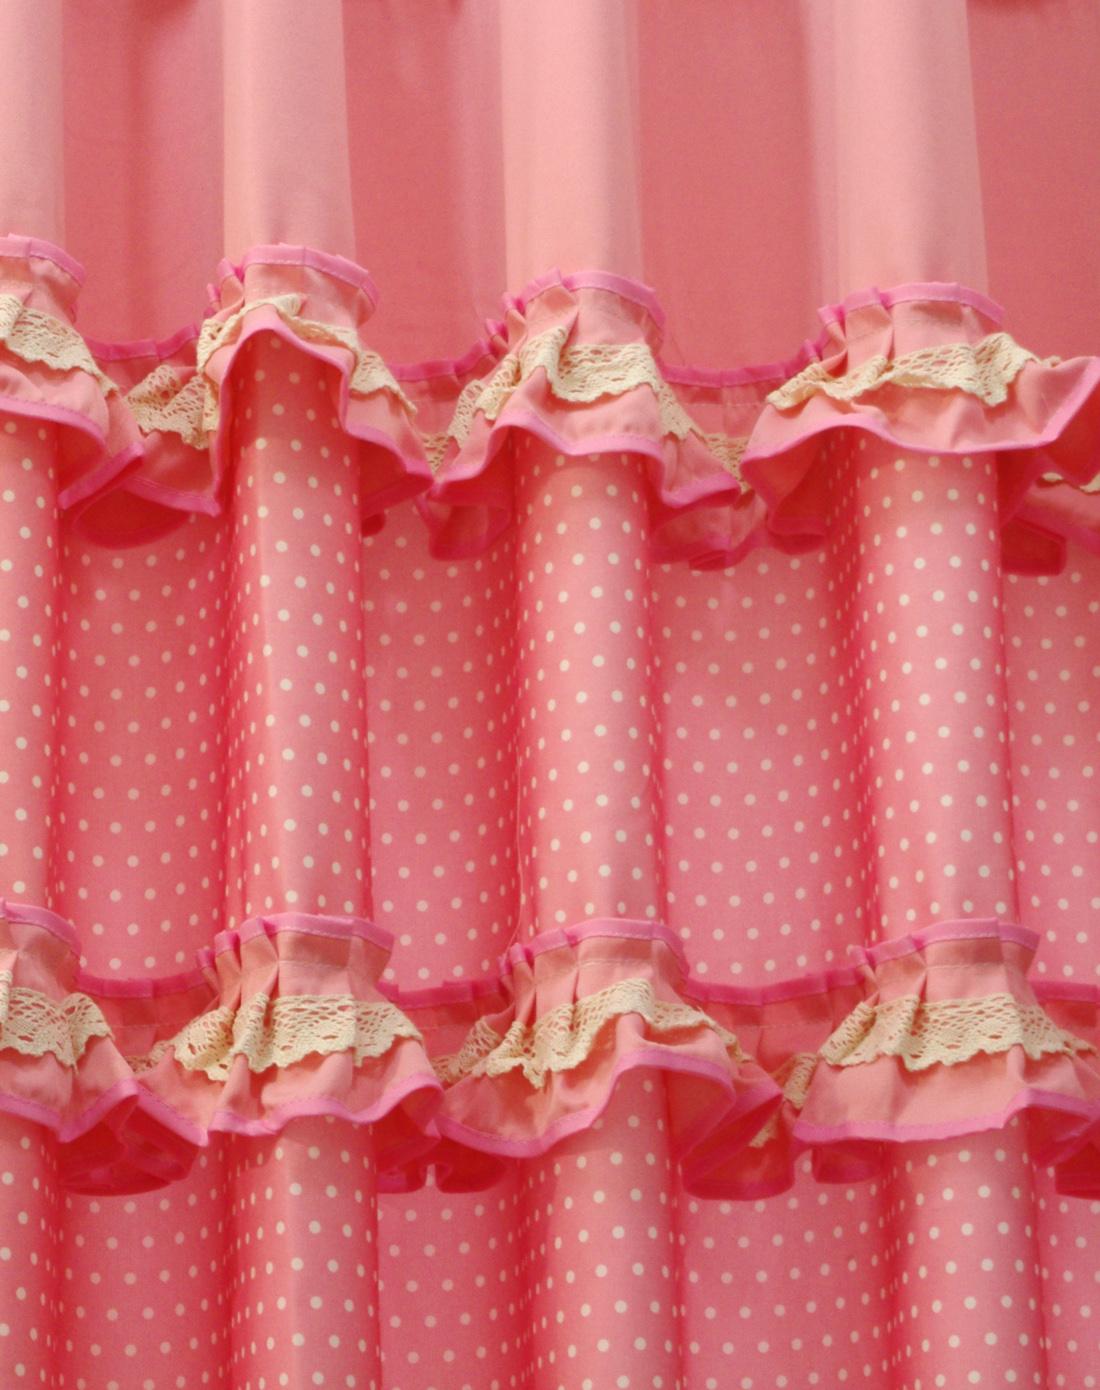 伊加yoga韩式花边布艺窗帘之粉色日记1a101462